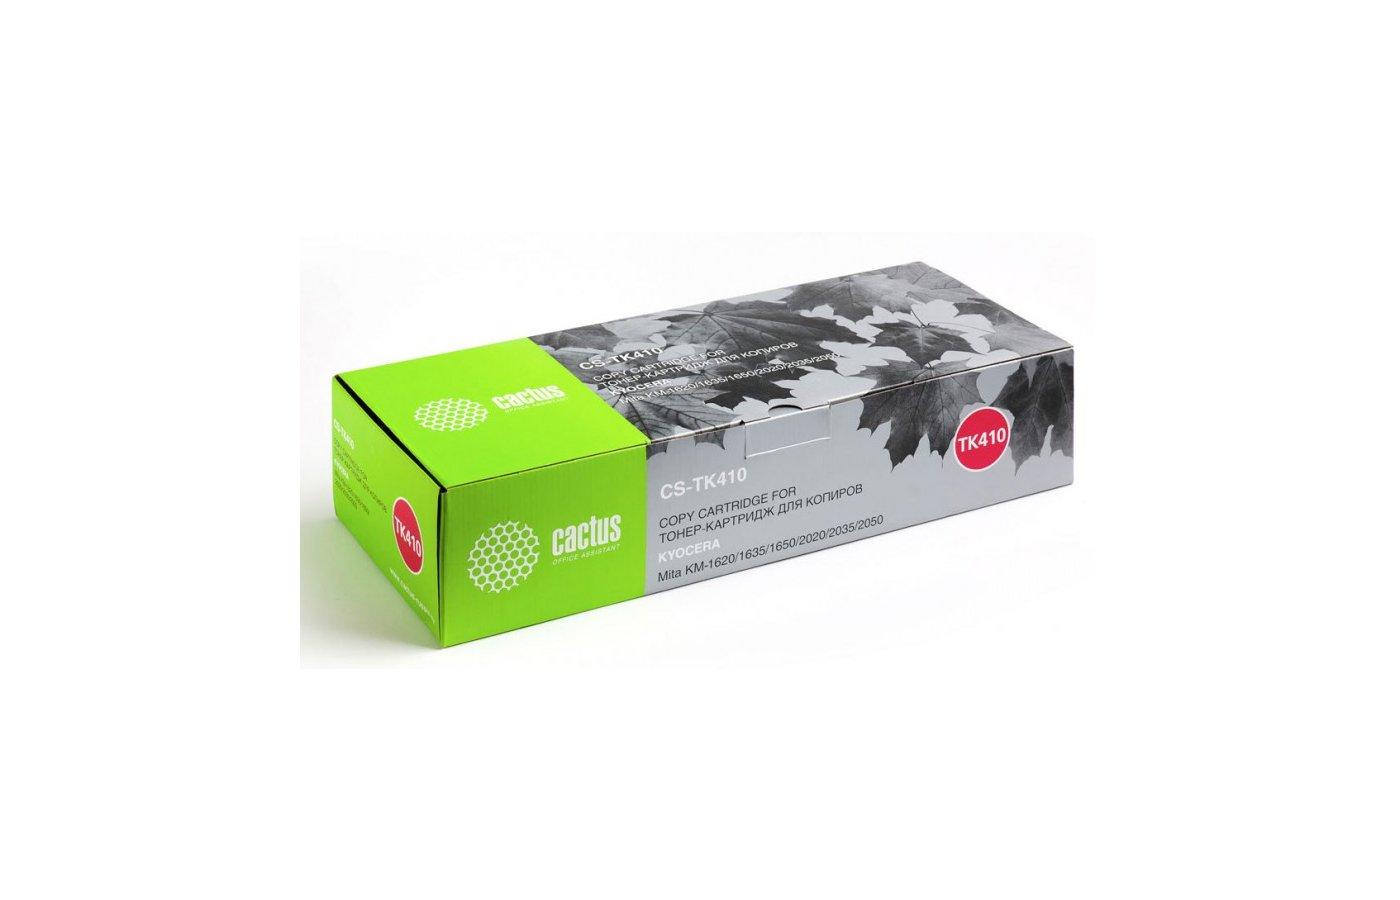 Картридж лазерный Cactus CS-TK410 совместимый для принтеров Kyocera Mita FS 1620/1635 , 15000 стр.